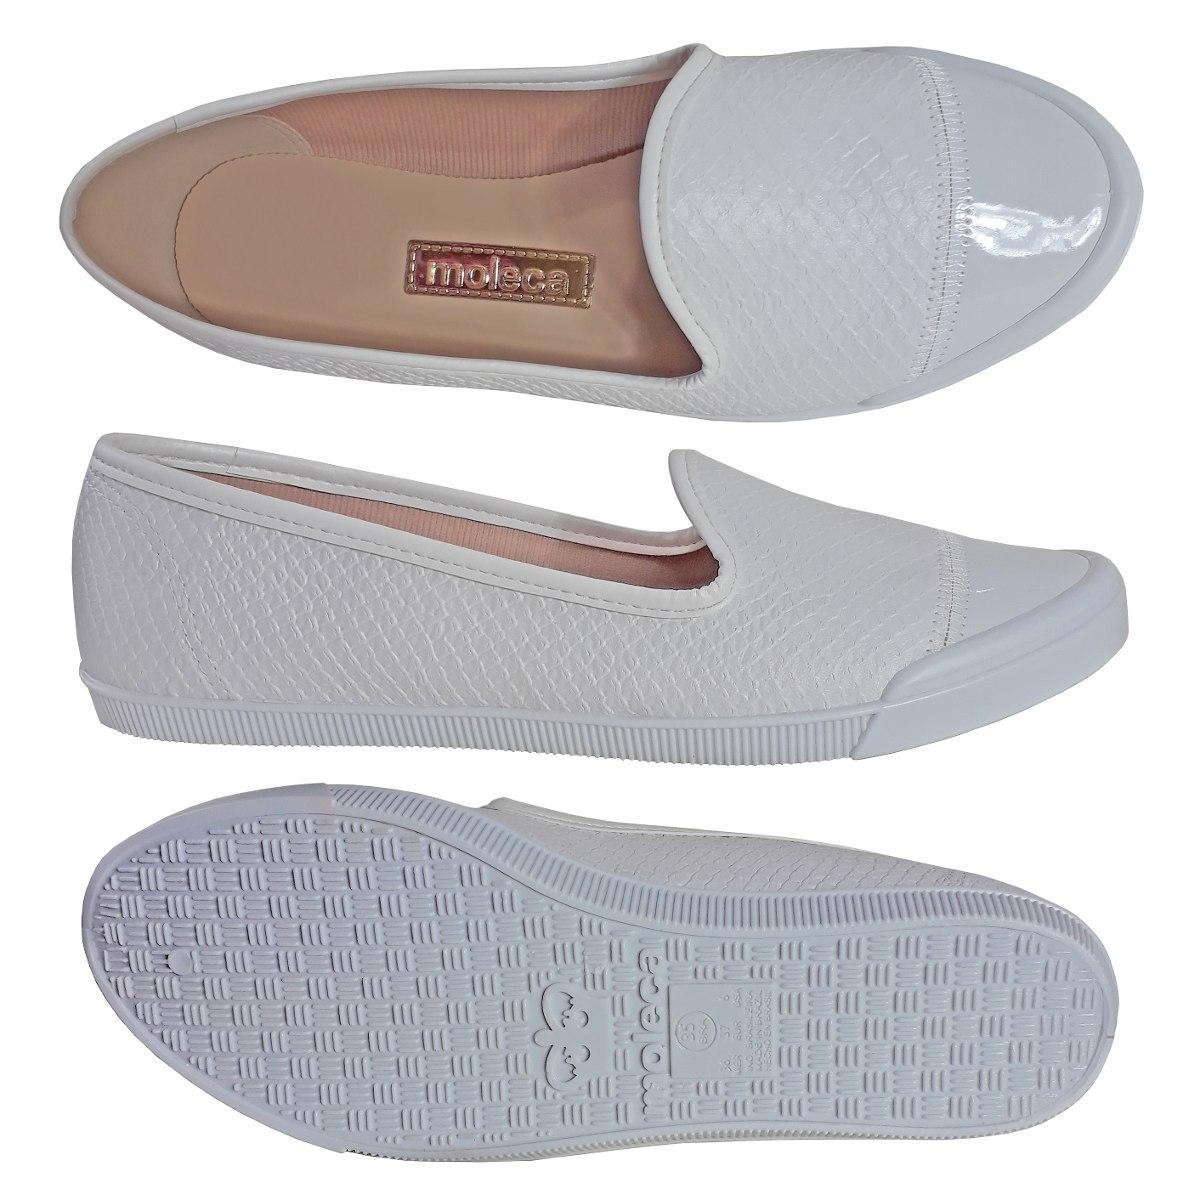 69f223131c sapato branco enfermagem feminino fechado slip on moleca. Carregando zoom.